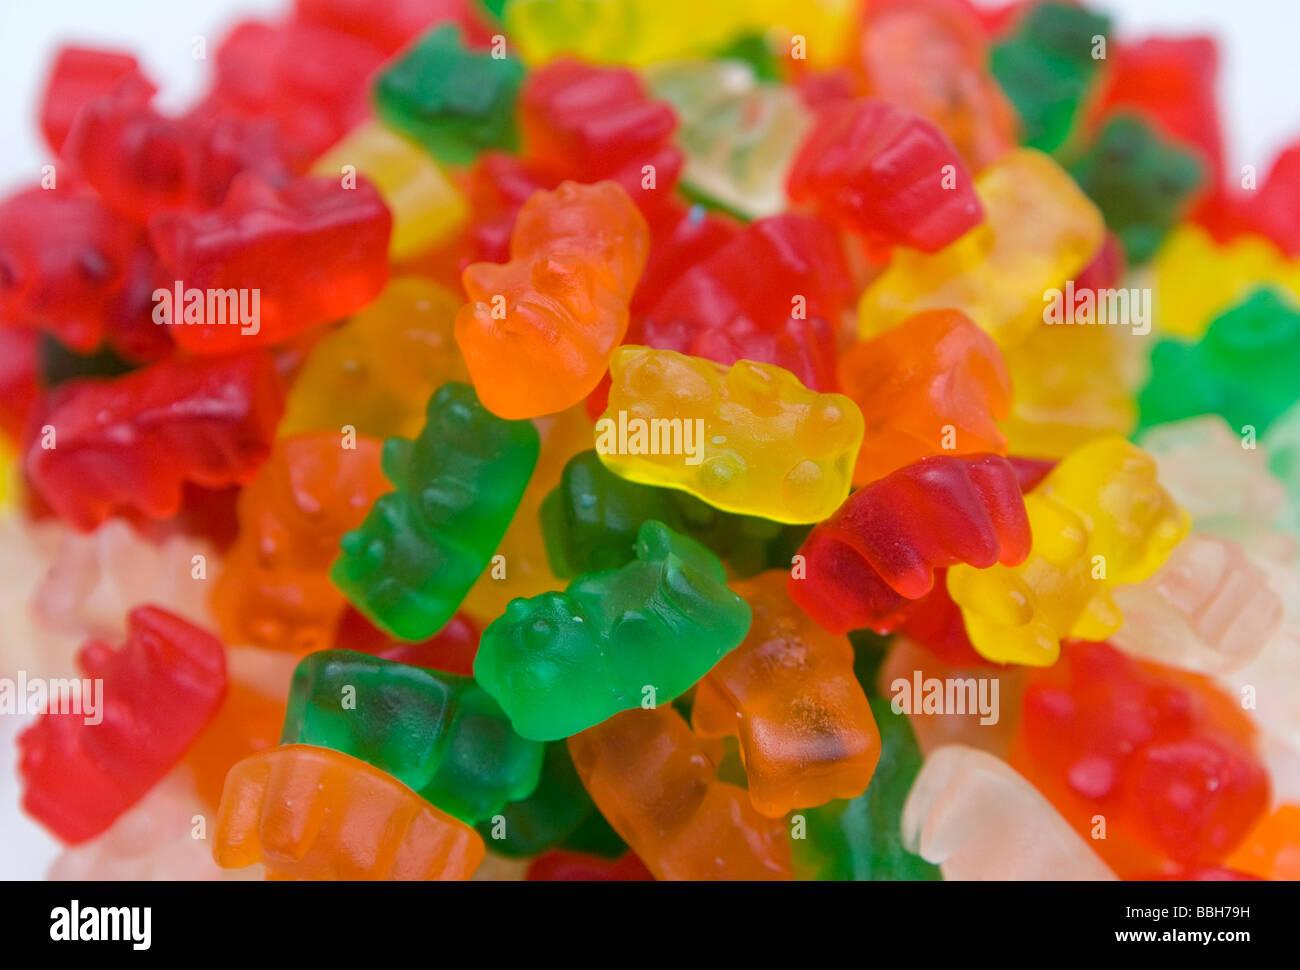 Los ositos Candy ventas en los Estados Unidos se han mantenido firmes a pesar de un aumento general de los precios de los dulces y los curren Foto de stock